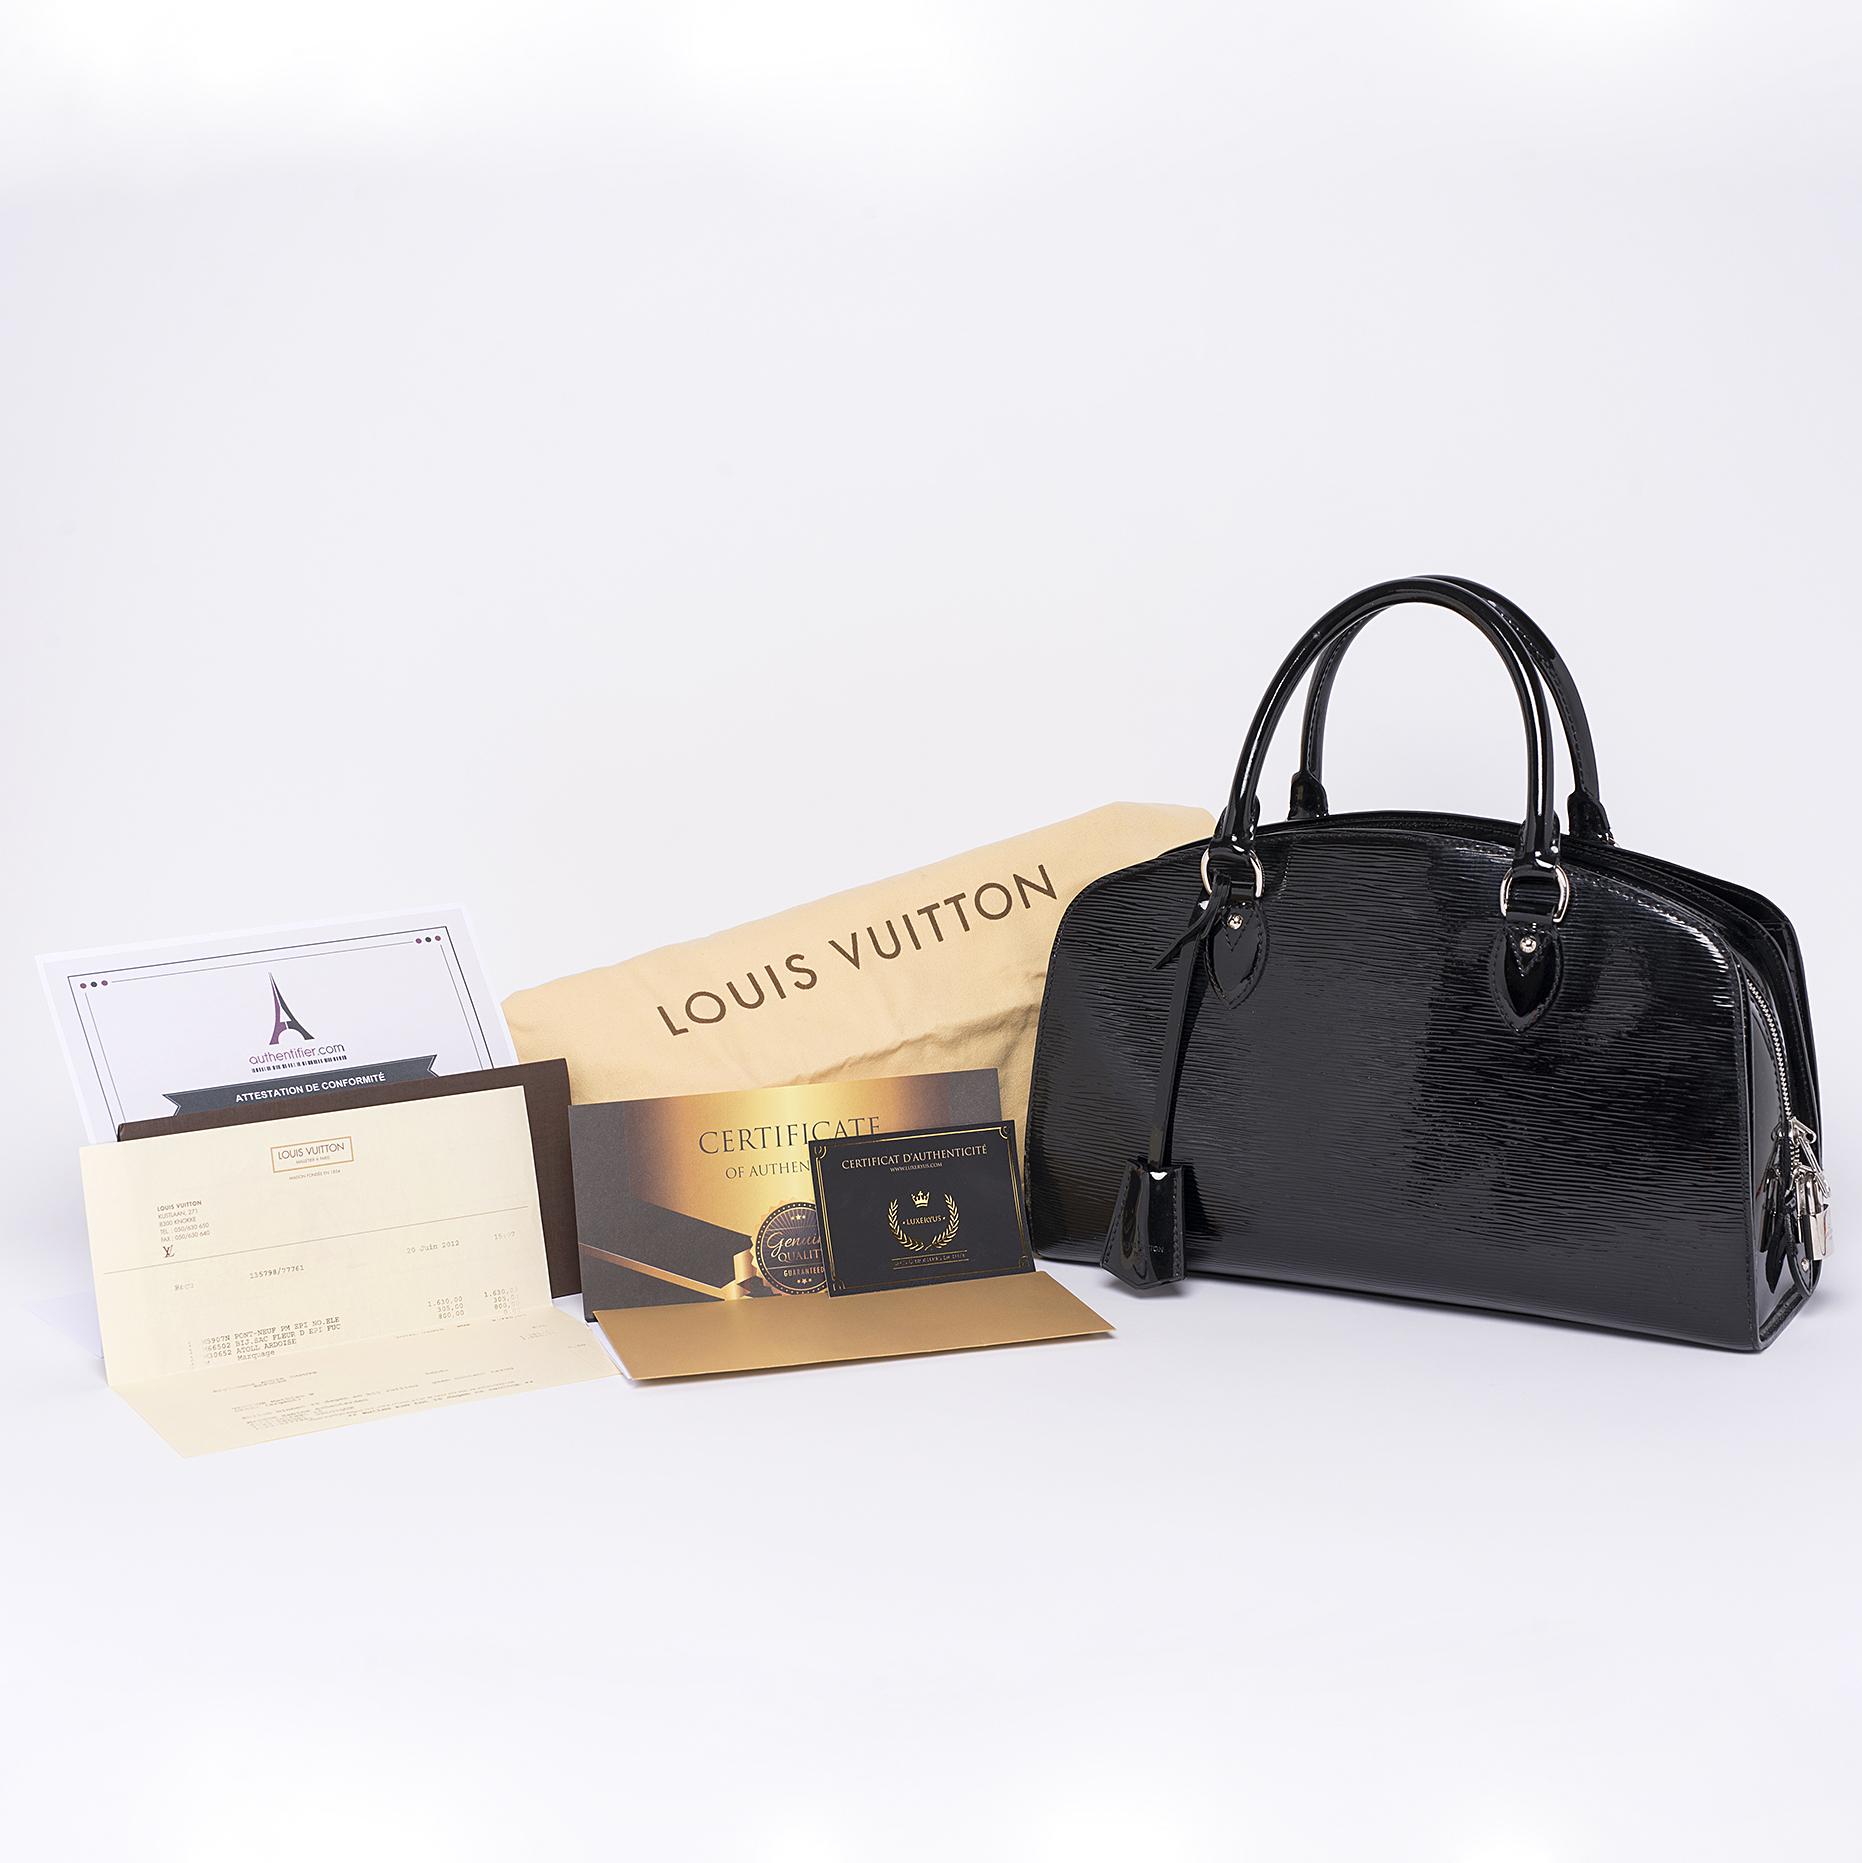 Sac à main Louis Vuitton Pont-Neuf PM Authentique d'occasion électrique cuir épi vernis couleur noir